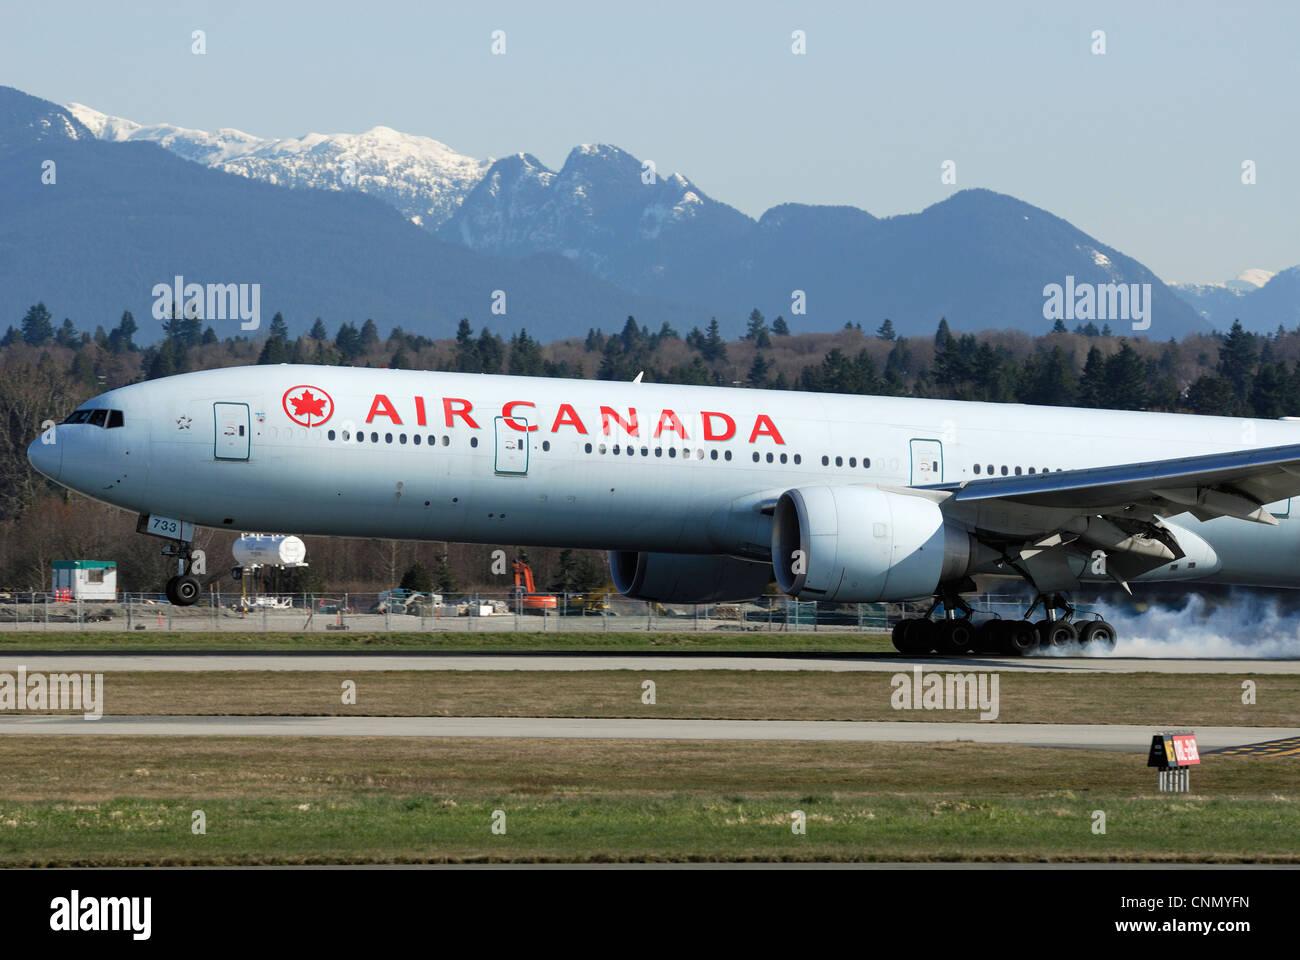 Air Canada C-FITW Boeing 777 (333/ER) aereo commerciale atterraggio all'Aeroporto Internazionale di Vancouver. Immagini Stock